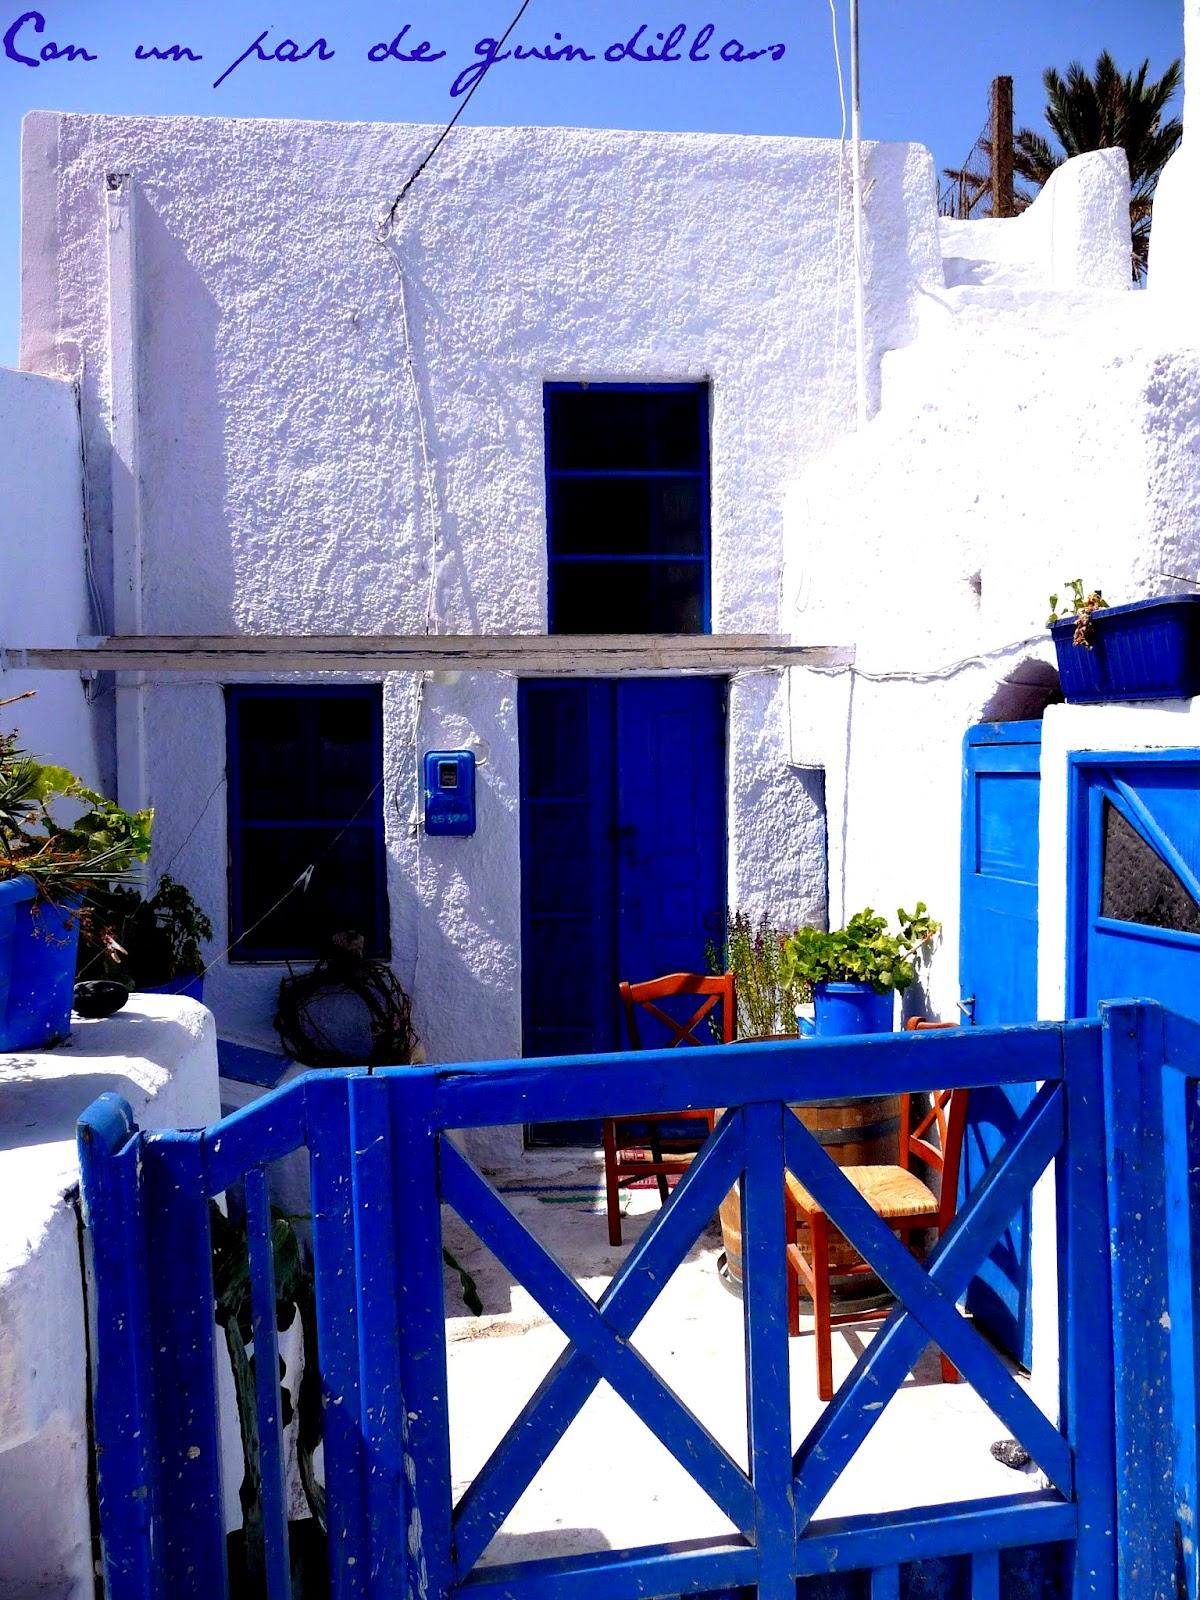 http://4.bp.blogspot.com/-SYyvt2shzE4/T848YEfbltI/AAAAAAAAHoE/VGFTc-pjnB4/s1600/Santorini06.jpg